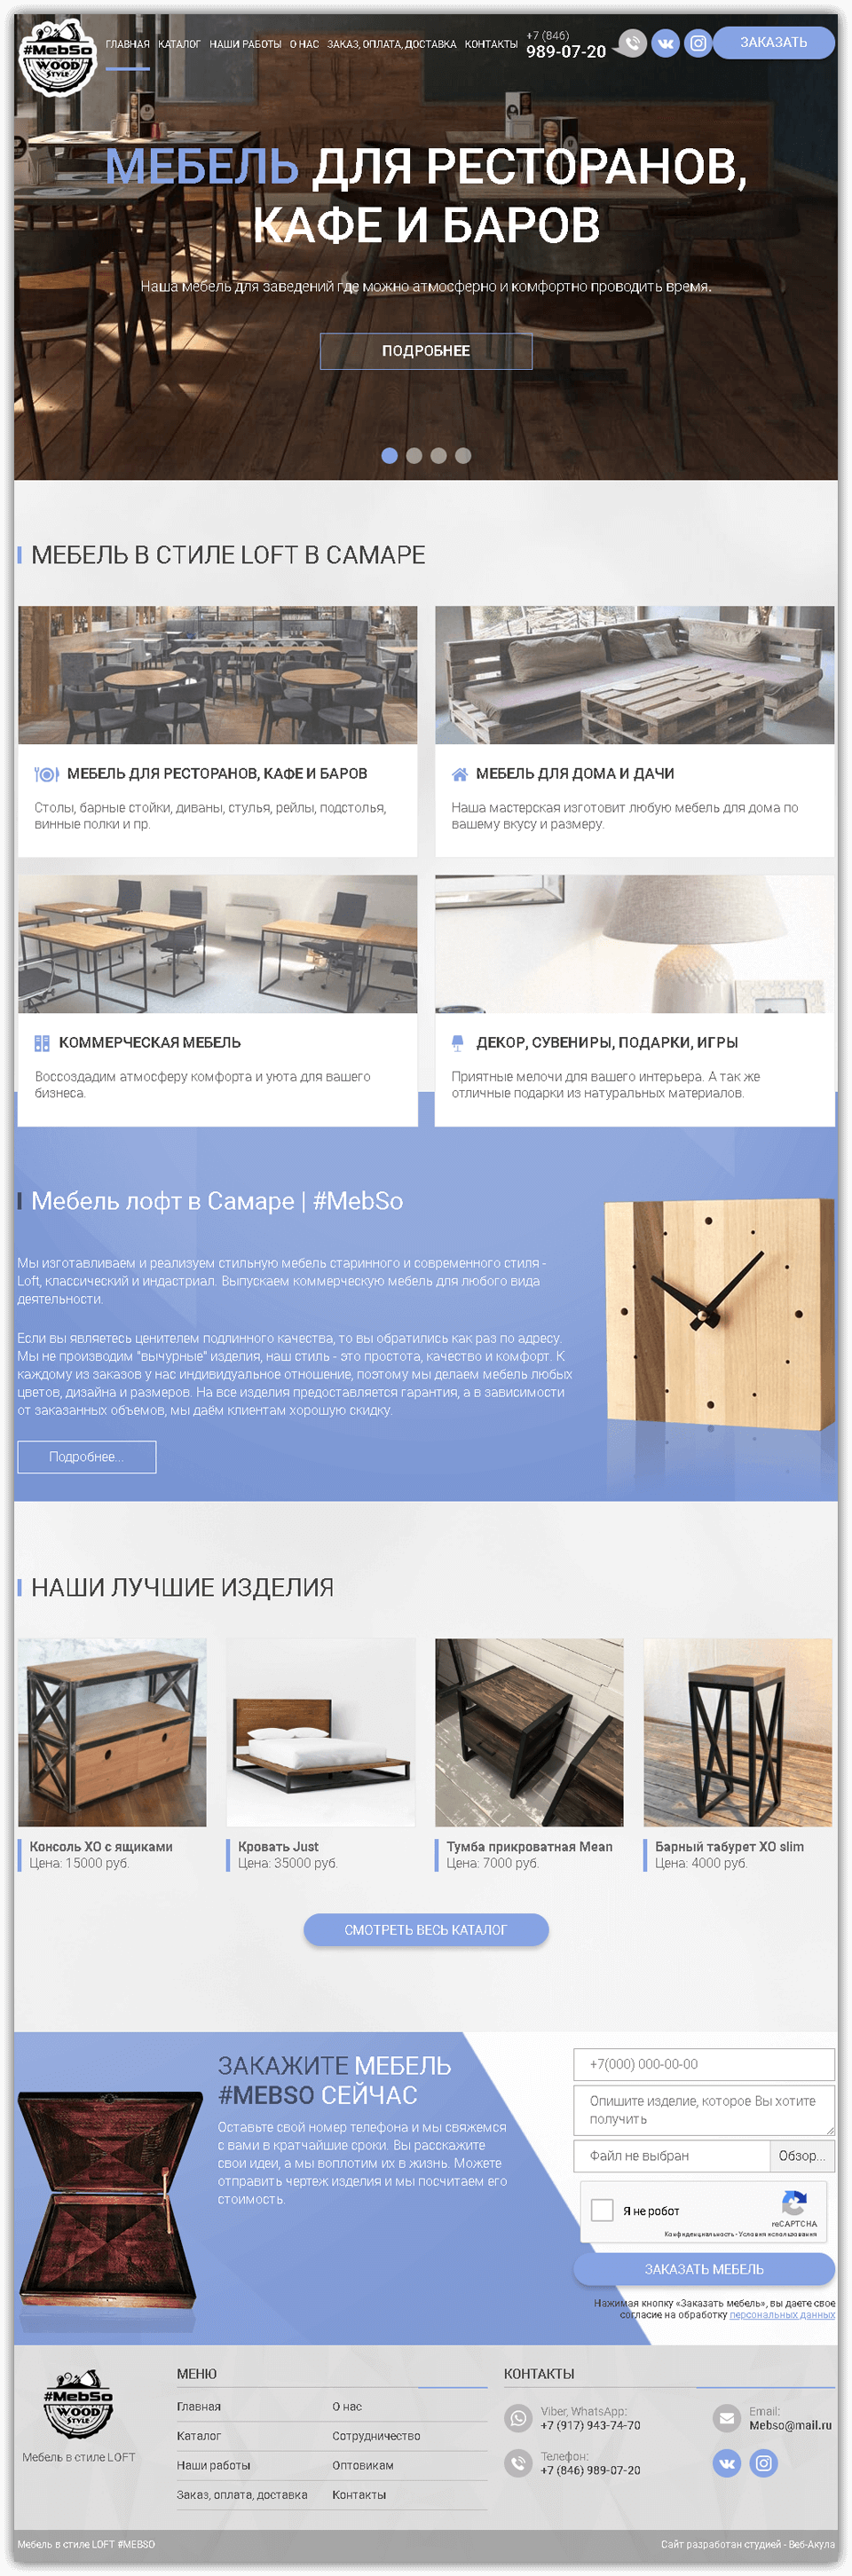 Мебель #MebSo